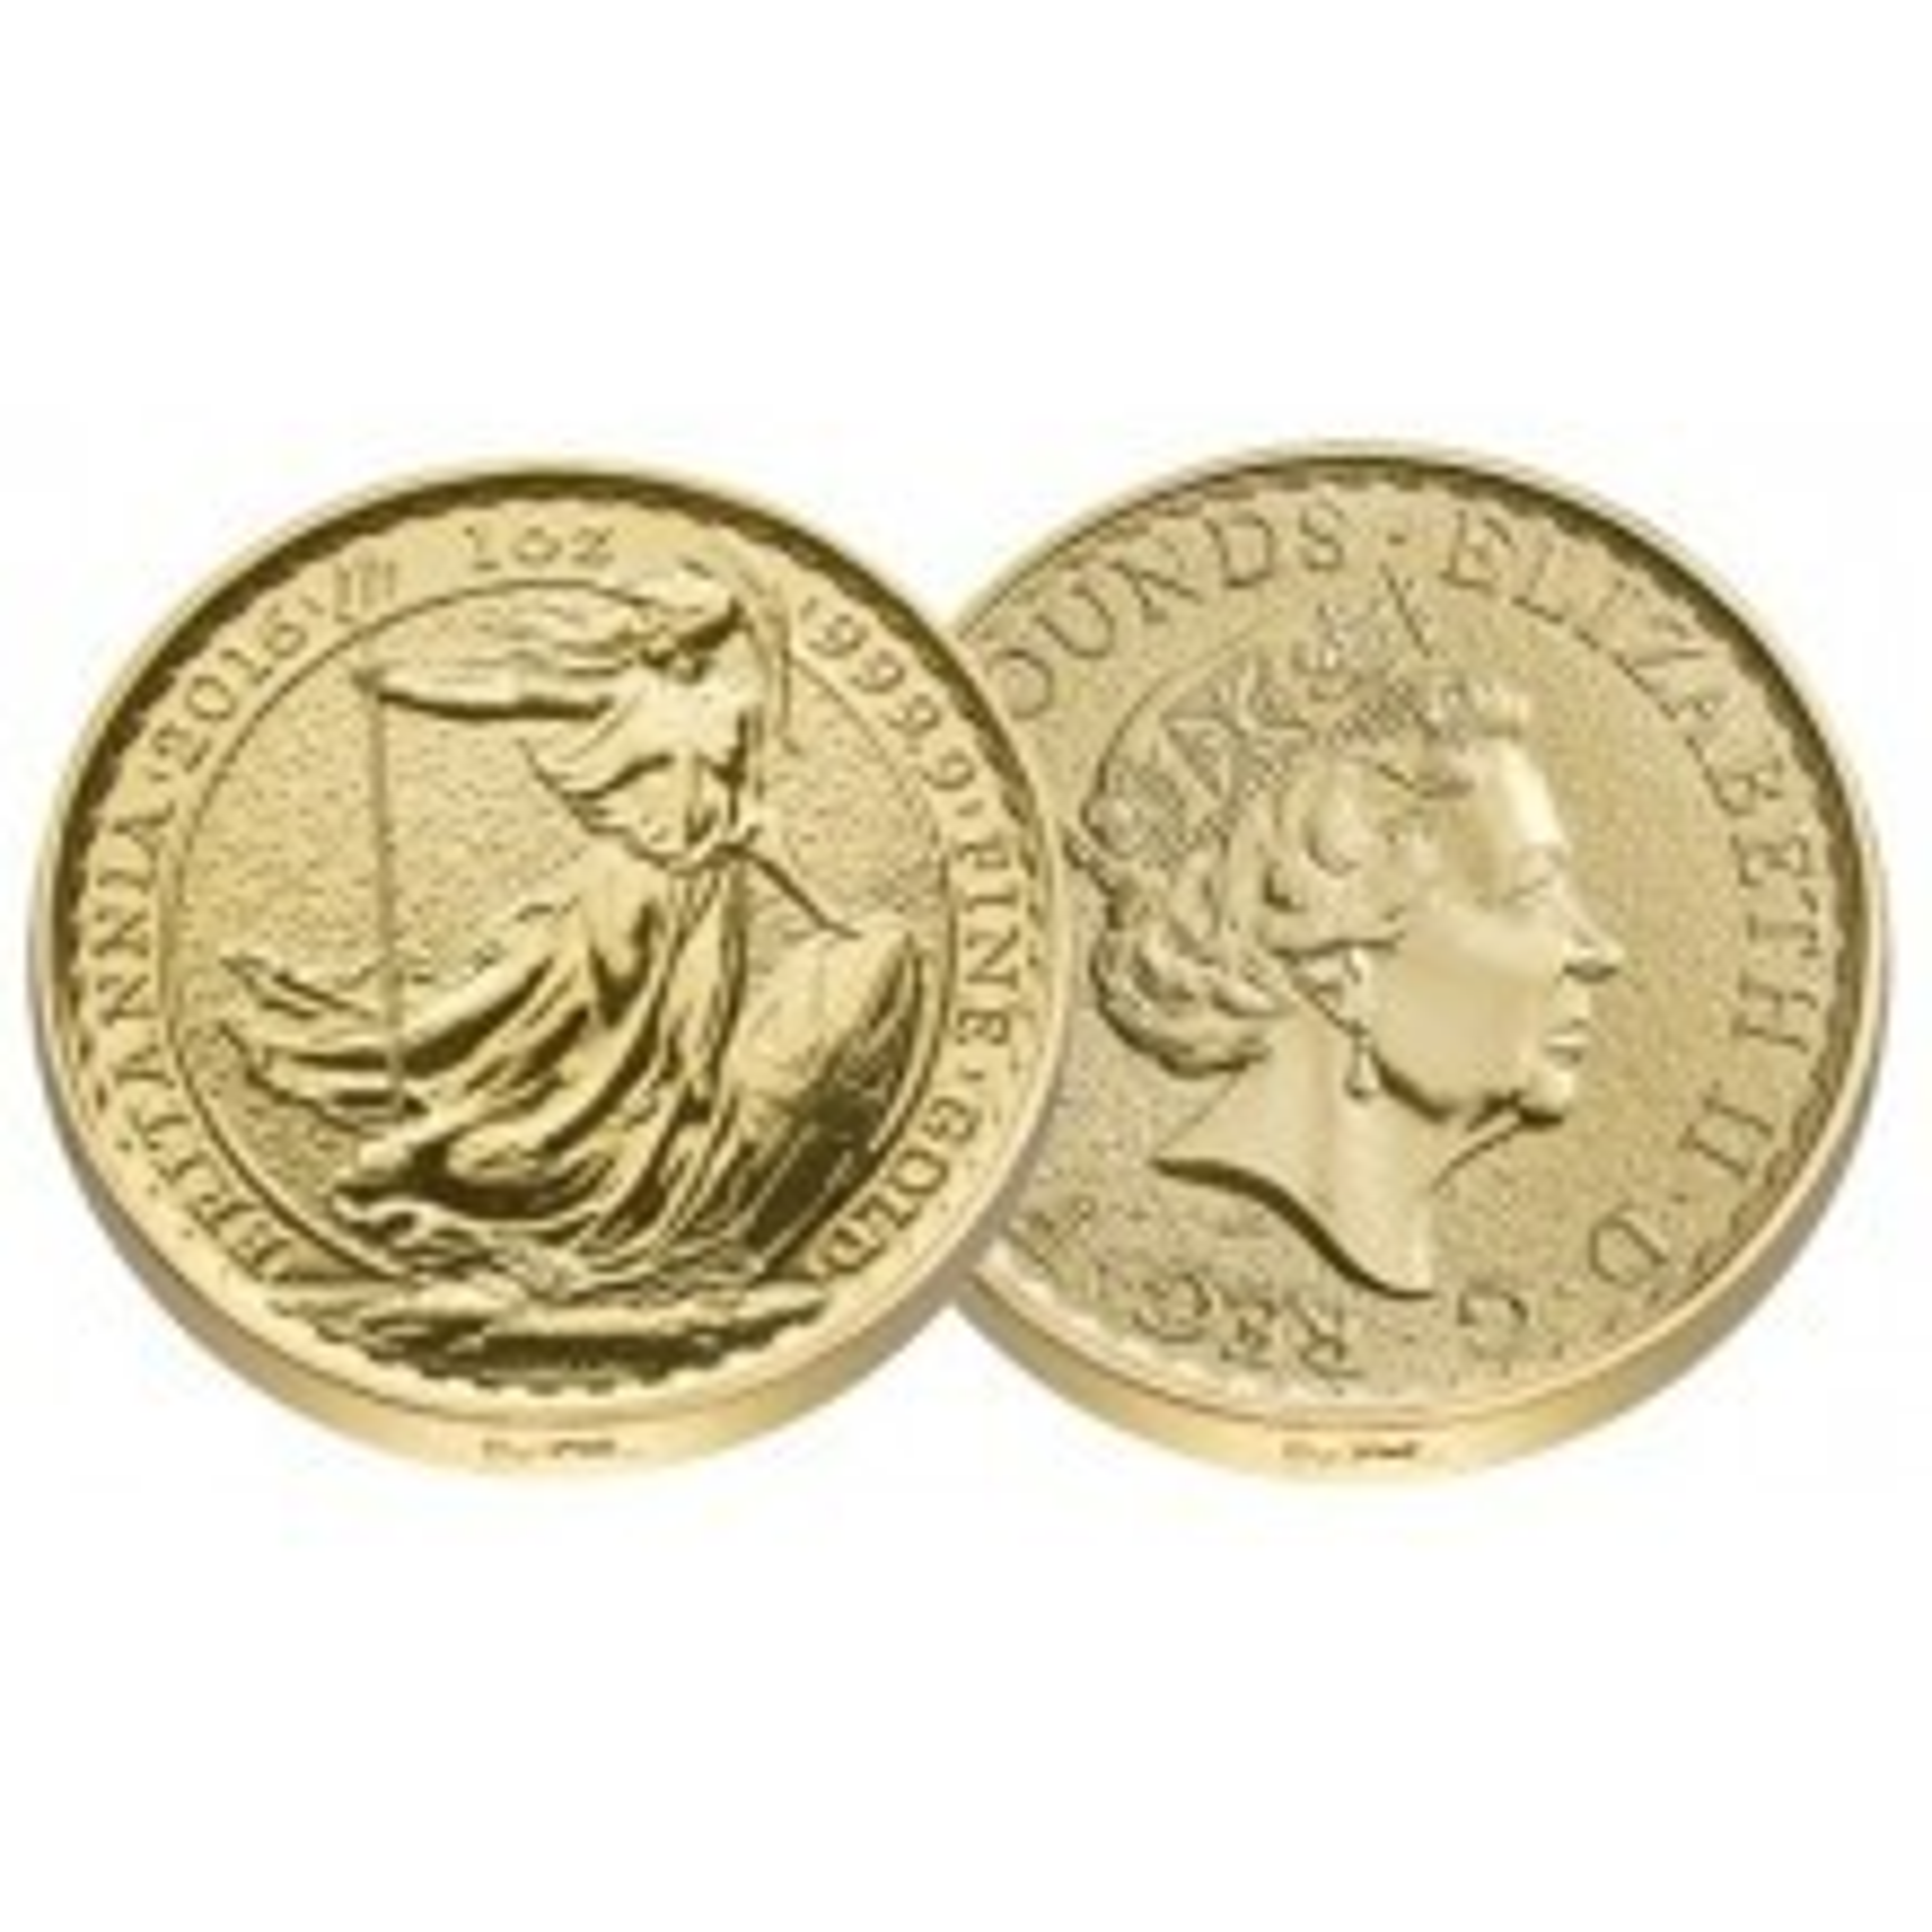 1 Troy ounce gold coin Britannia 2016 Lunar privy edge